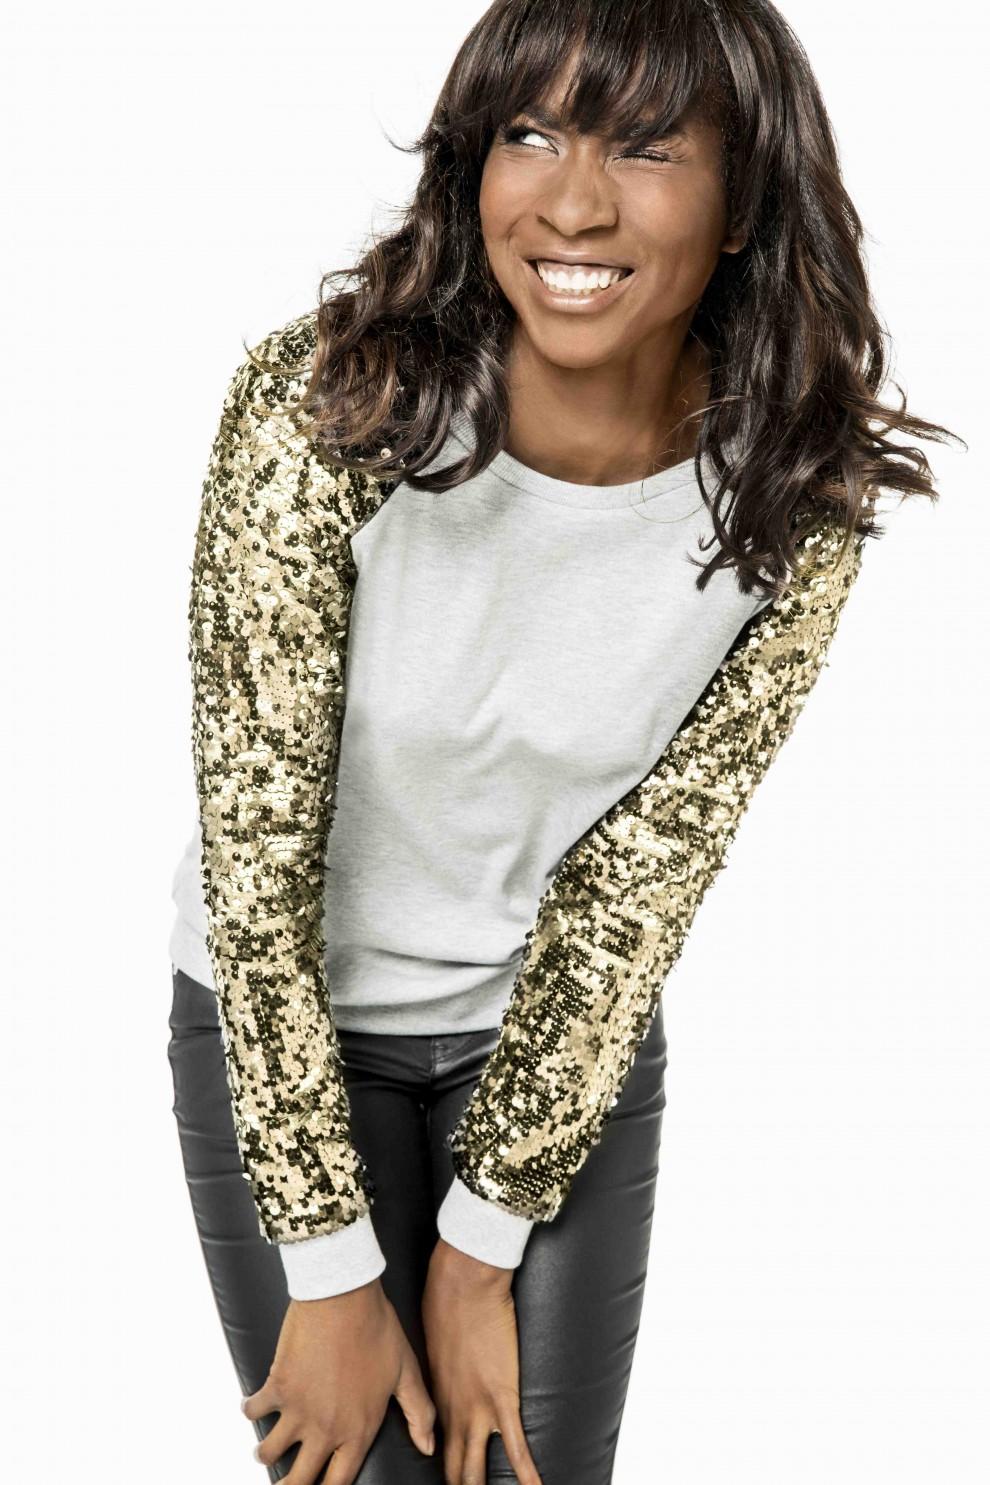 JBC Elodie Ouedraogo